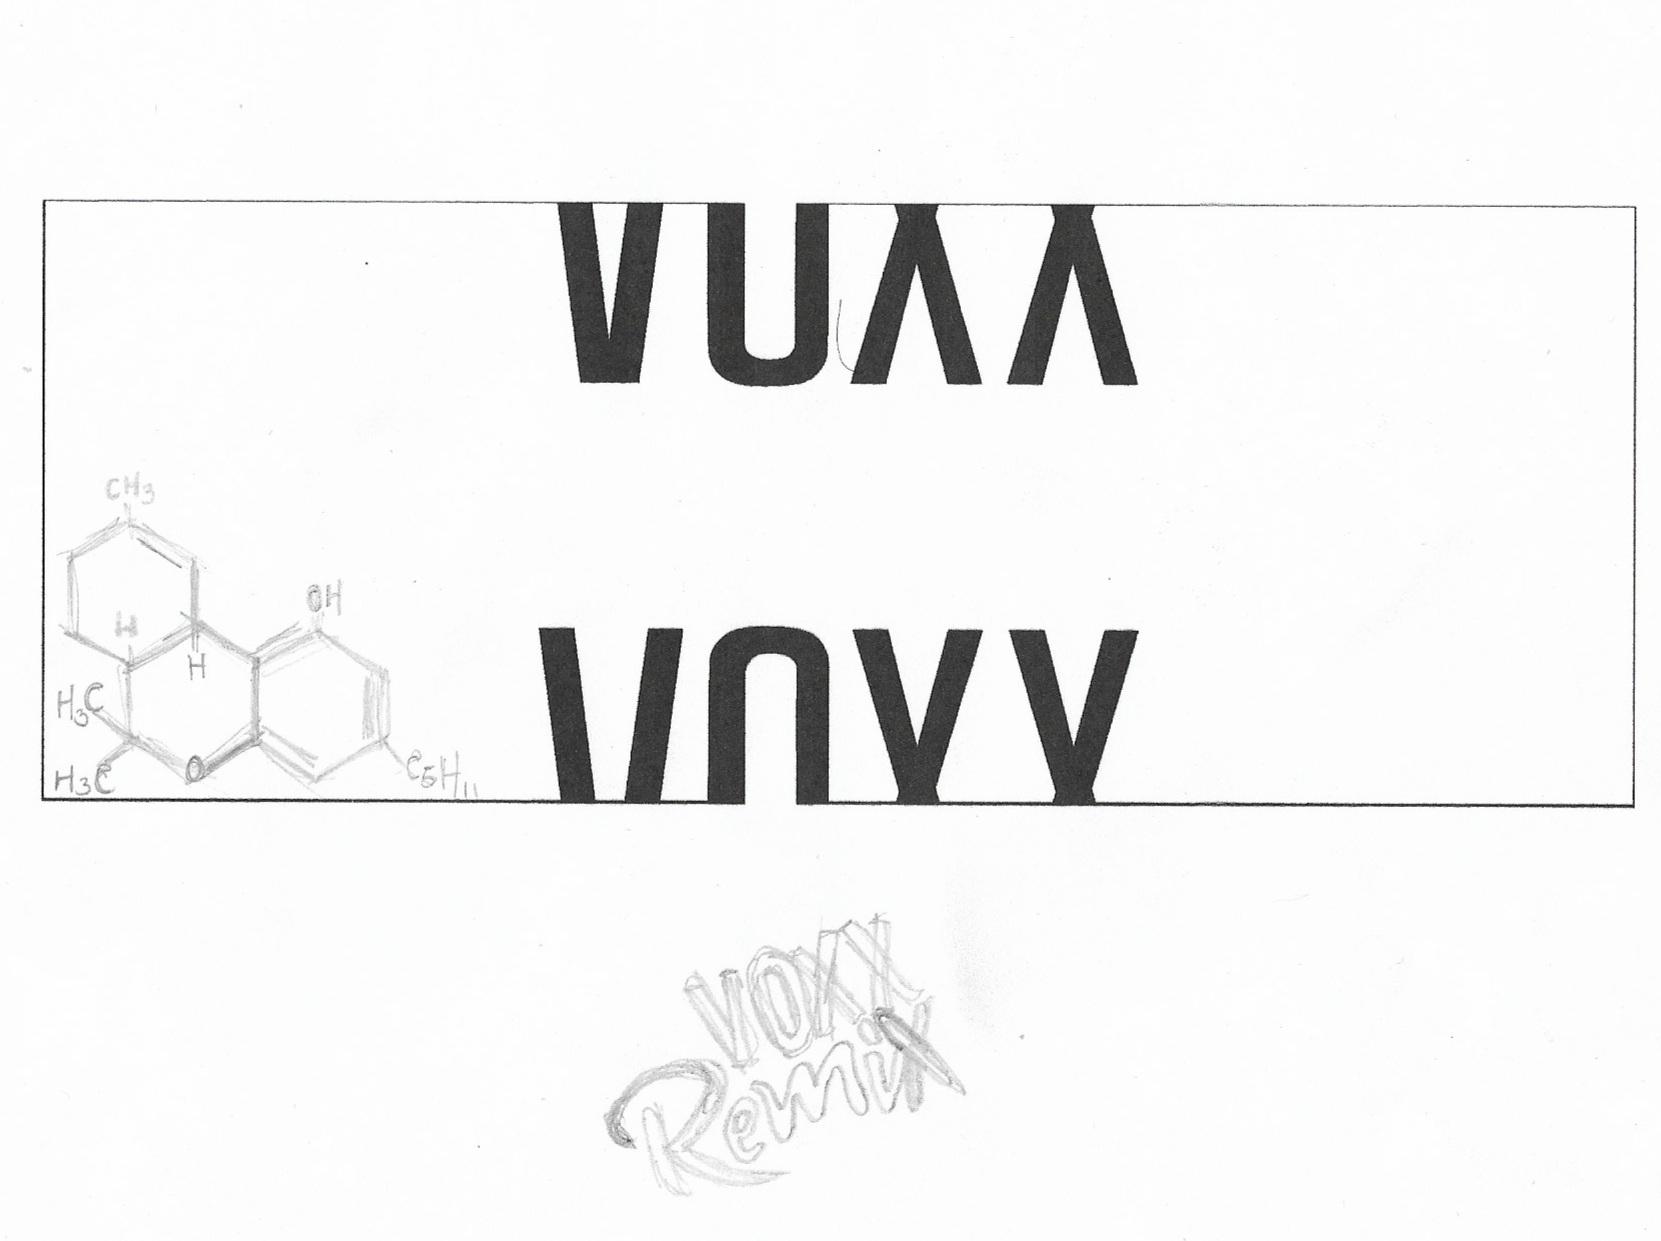 voxx sketch 4.jpg